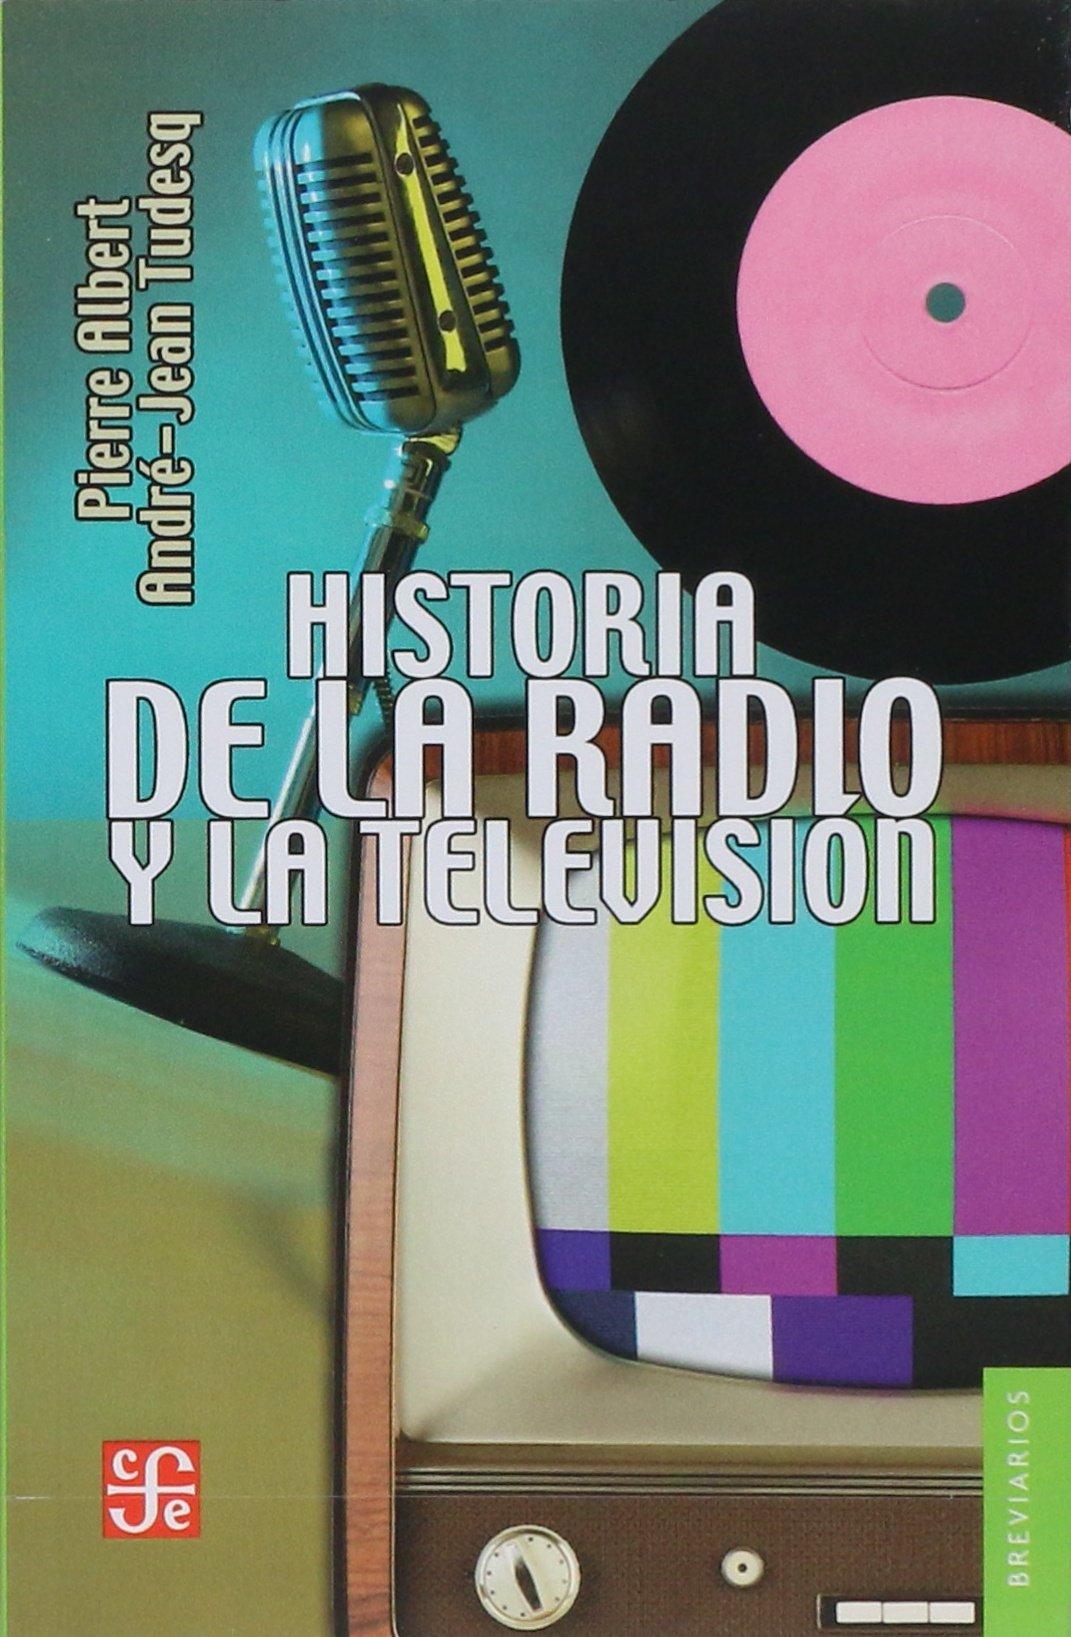 Historia de la radio y la television: Amazon.es: Albert, Pierre: Libros